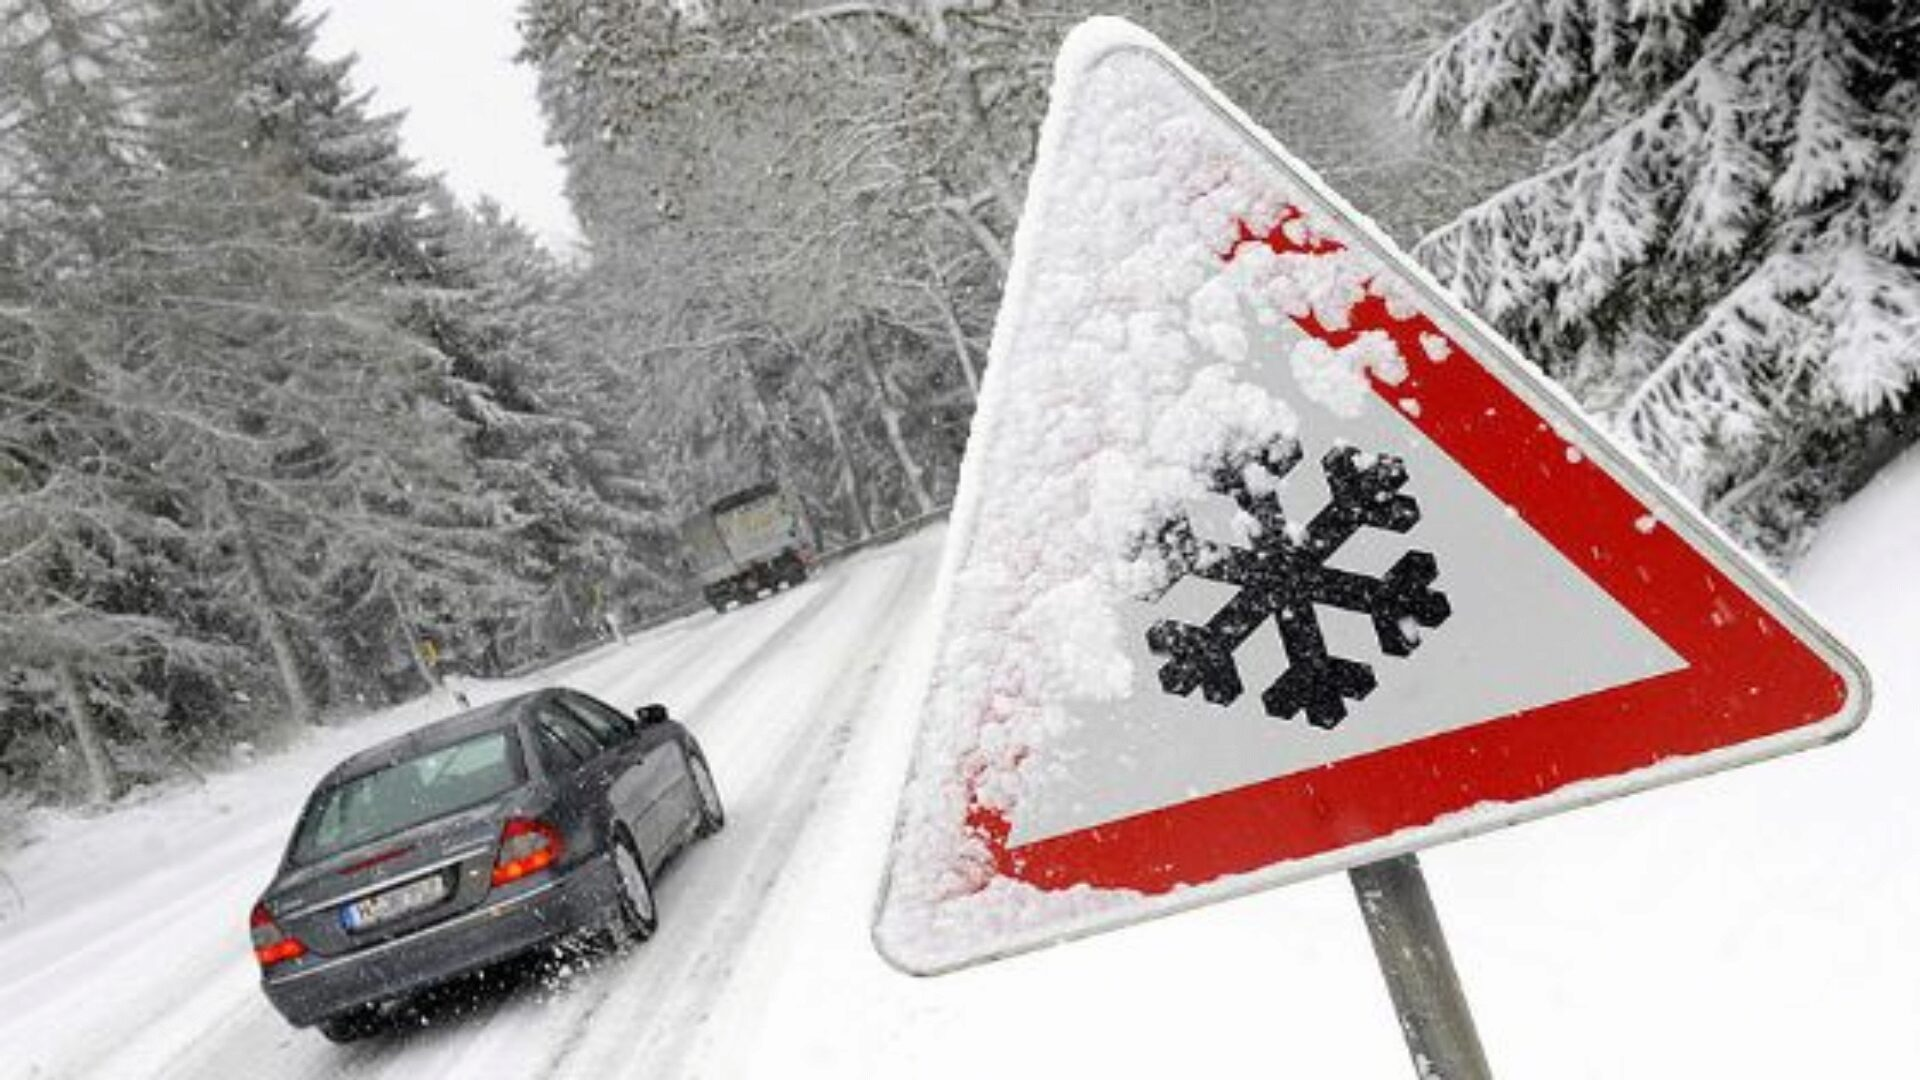 Управлять машиной зимой нужно очень аккуратно